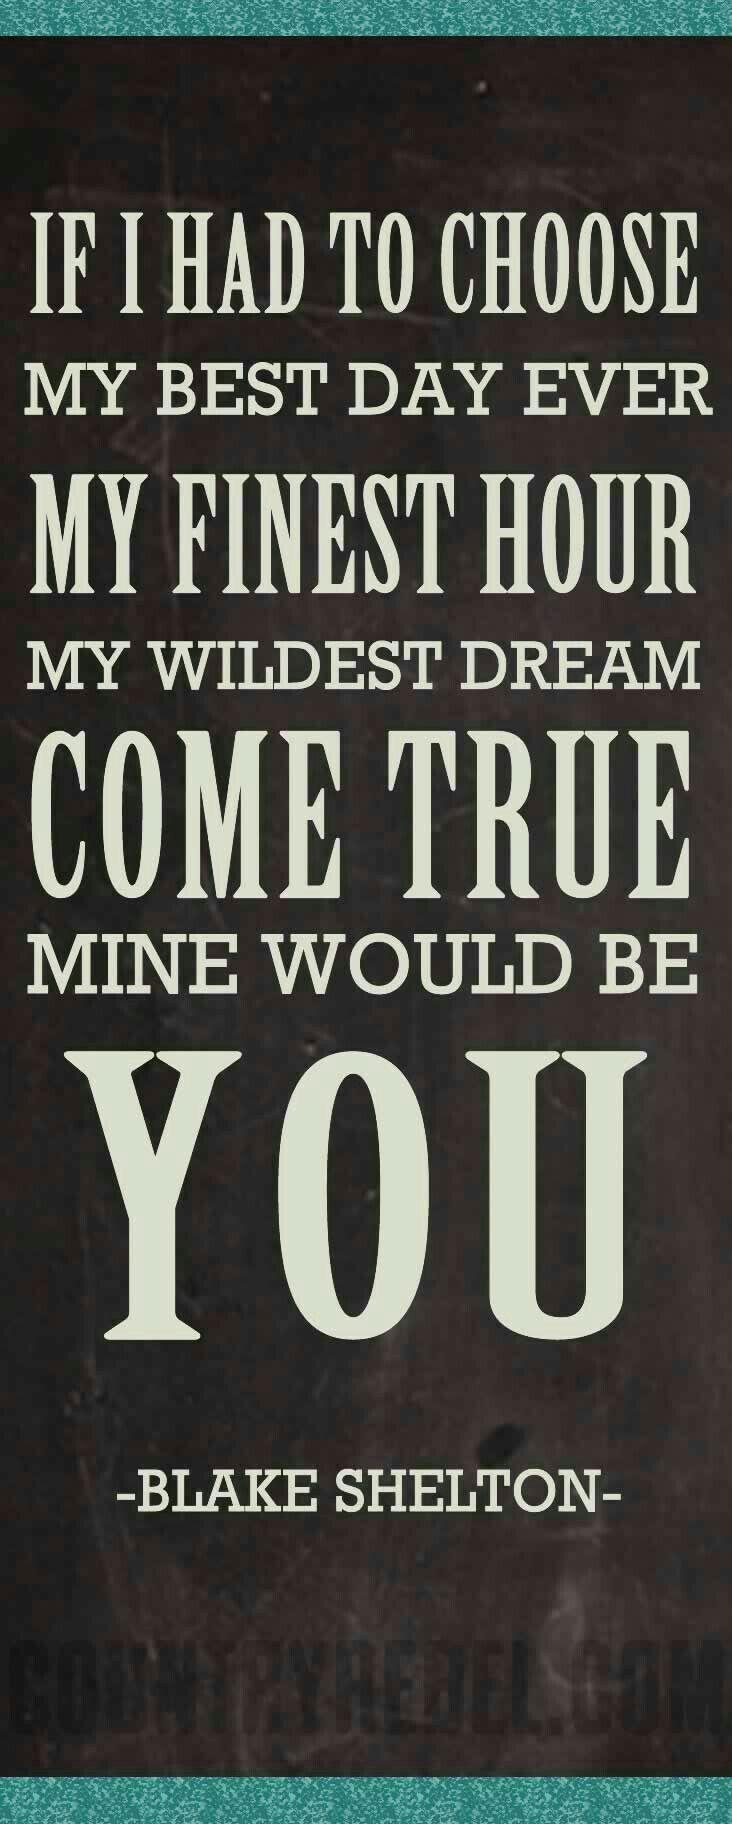 Blake Shelton song lyrics. Country Music artist. Music quotes.